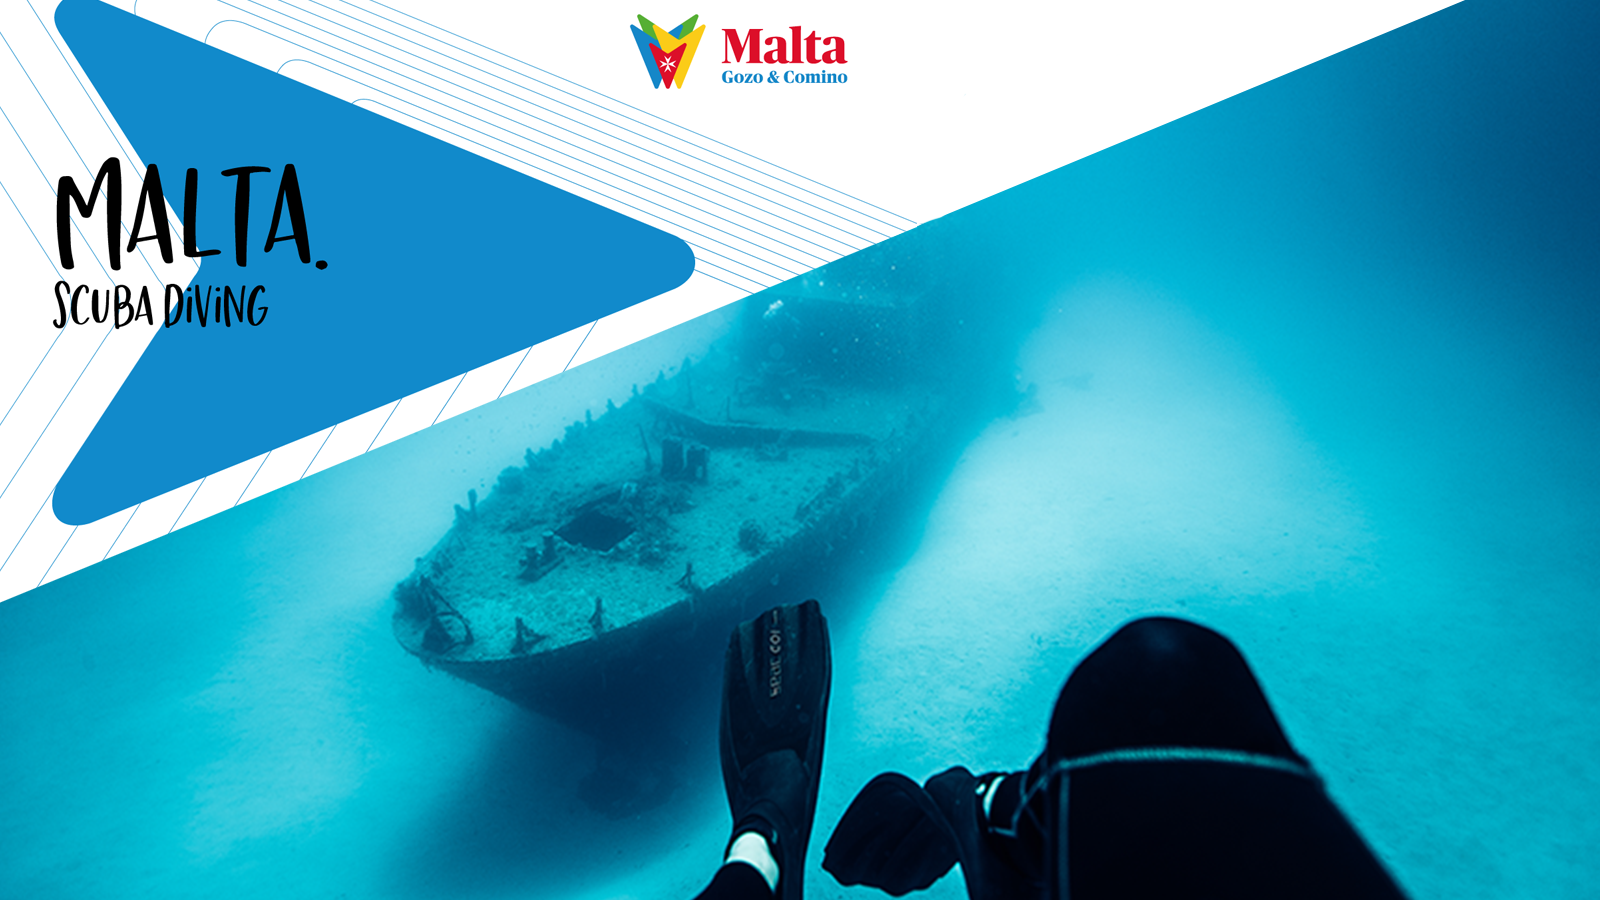 Malta Diving, ascolta il podcast e scarica la guida